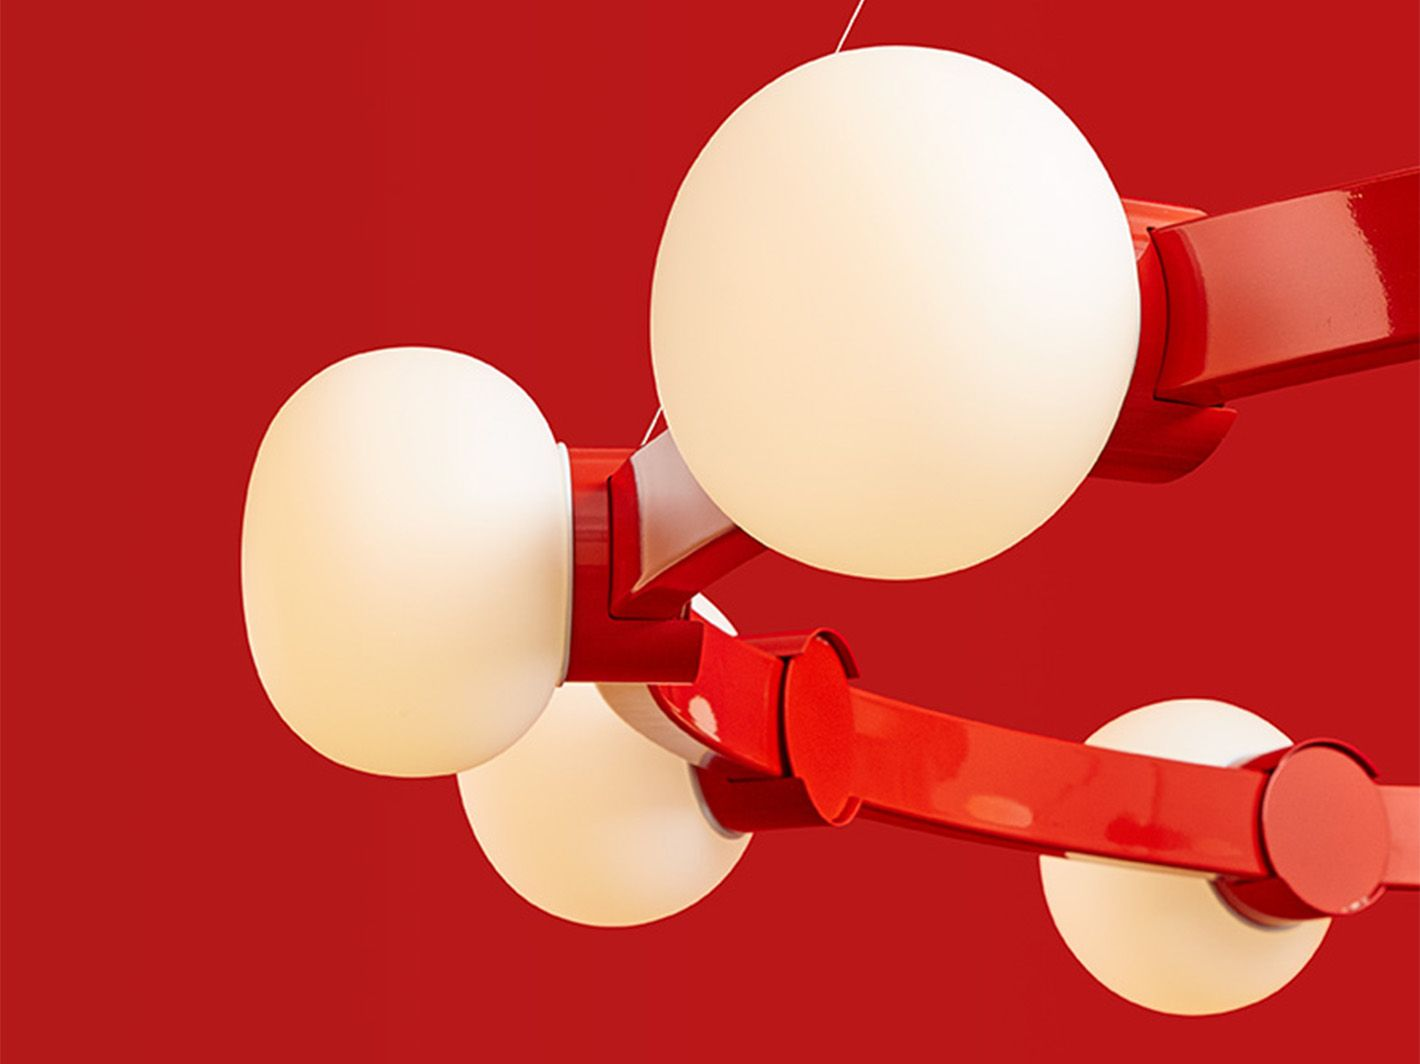 Cinema chandelier 12 globes in vermilion powder coated finish